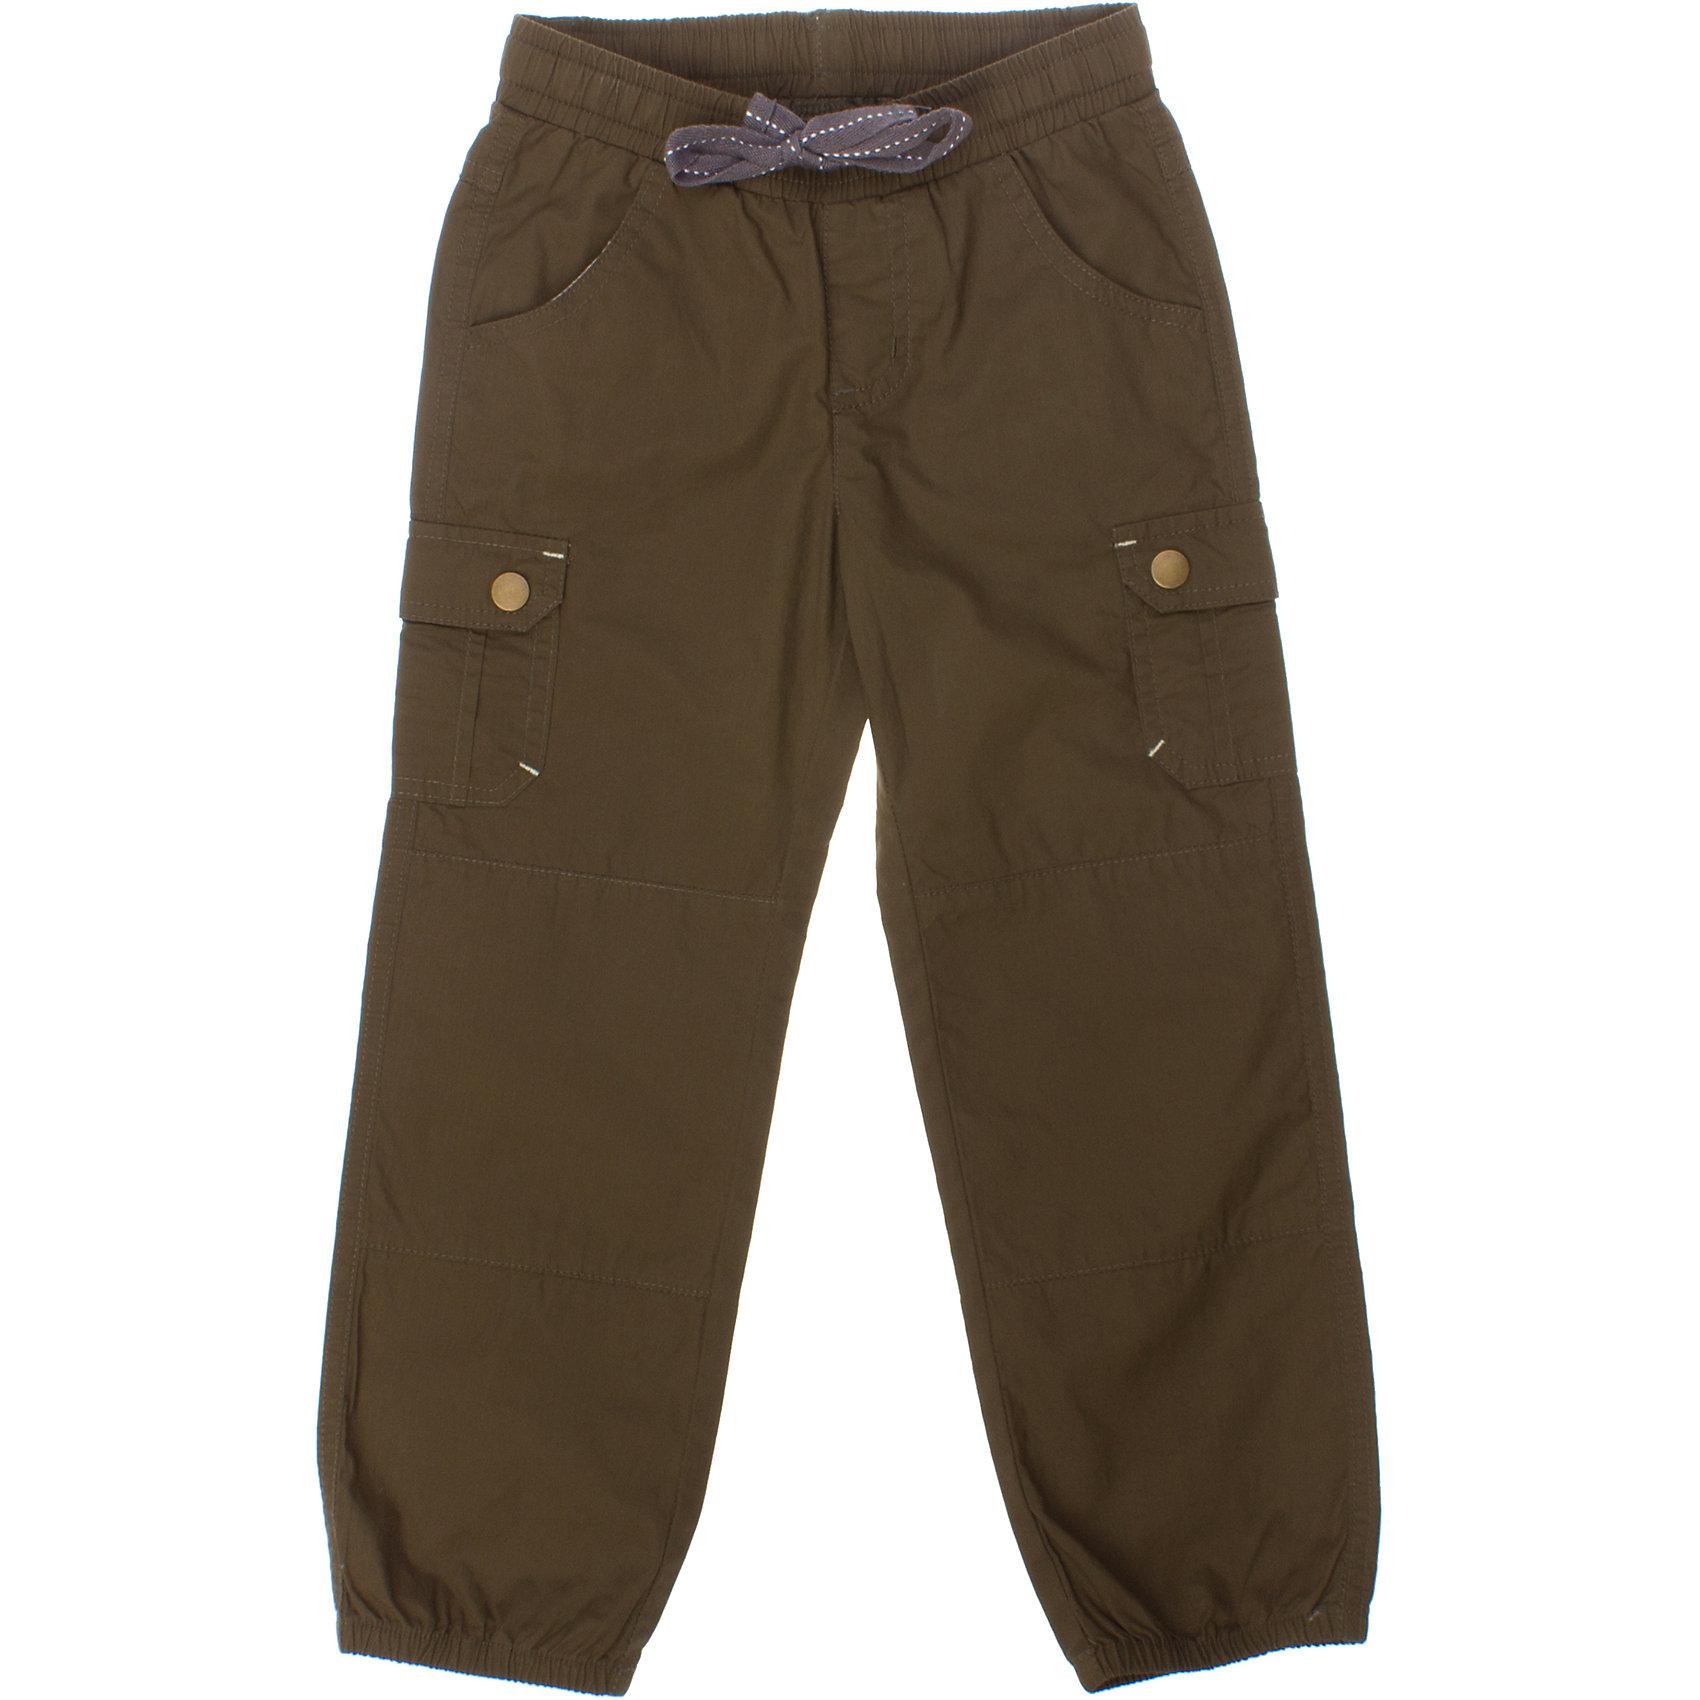 Брюки для мальчика PlayTodayЛегкие хлопковые брюки цвета хаки. Есть целых 6 кармашков для маленьких первооткрывателей. Пояс на резинке, дополнительно регулируется шнурком. Низ штанишек на резинке. Состав: 100% хлопок<br><br>Ширина мм: 215<br>Глубина мм: 88<br>Высота мм: 191<br>Вес г: 336<br>Цвет: хаки<br>Возраст от месяцев: 60<br>Возраст до месяцев: 72<br>Пол: Мужской<br>Возраст: Детский<br>Размер: 116,128,98,122,110,104<br>SKU: 4652435